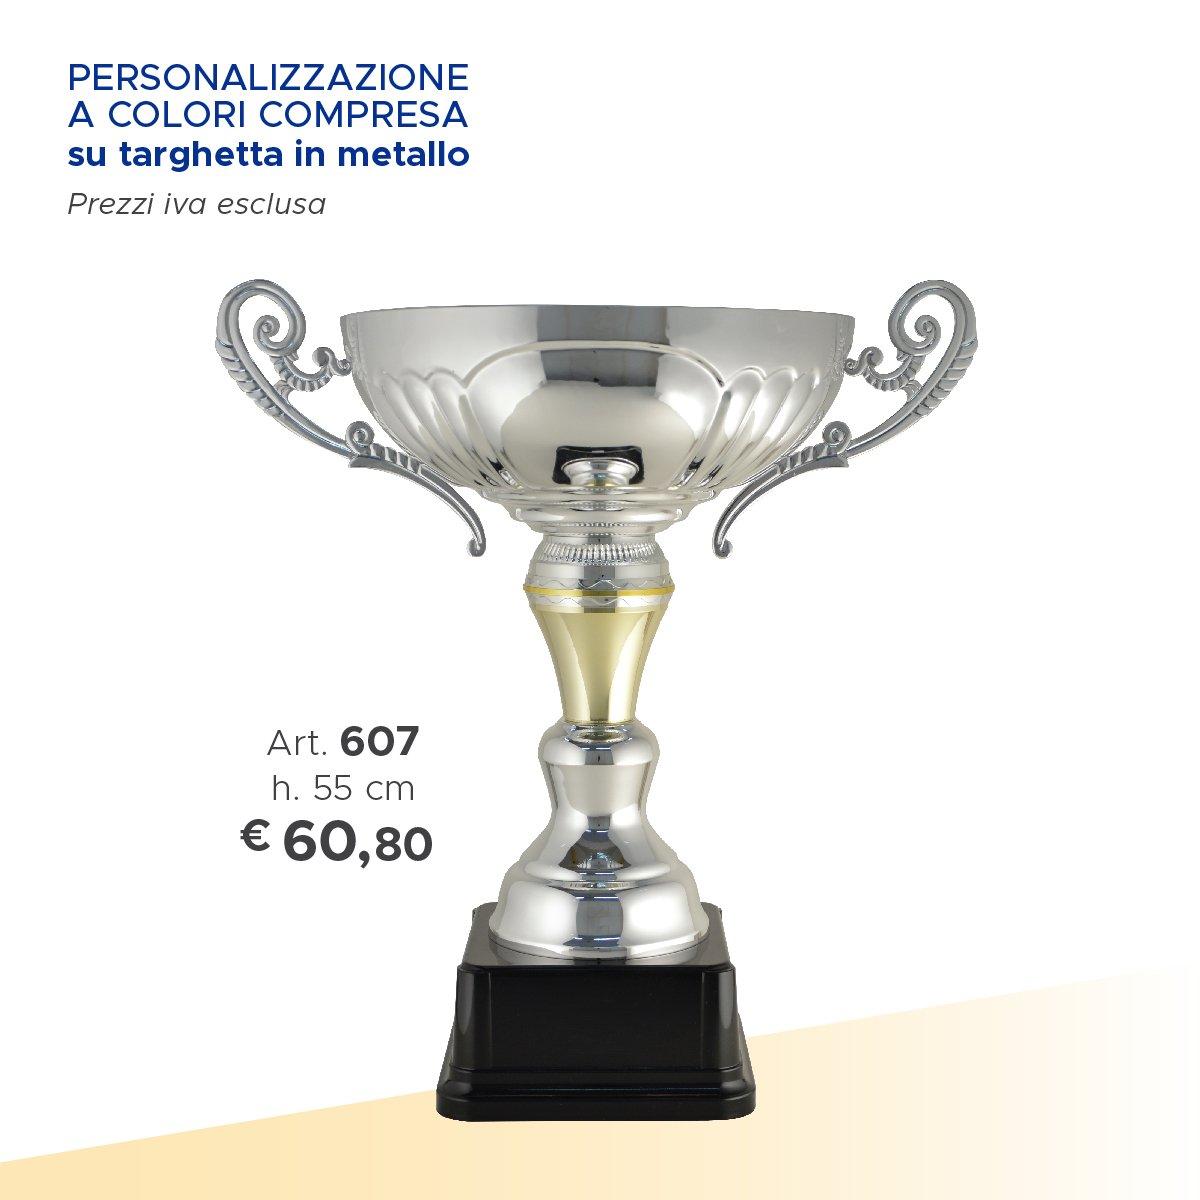 una coppa d'argento con due manici con sotto scritto prezzo e misura